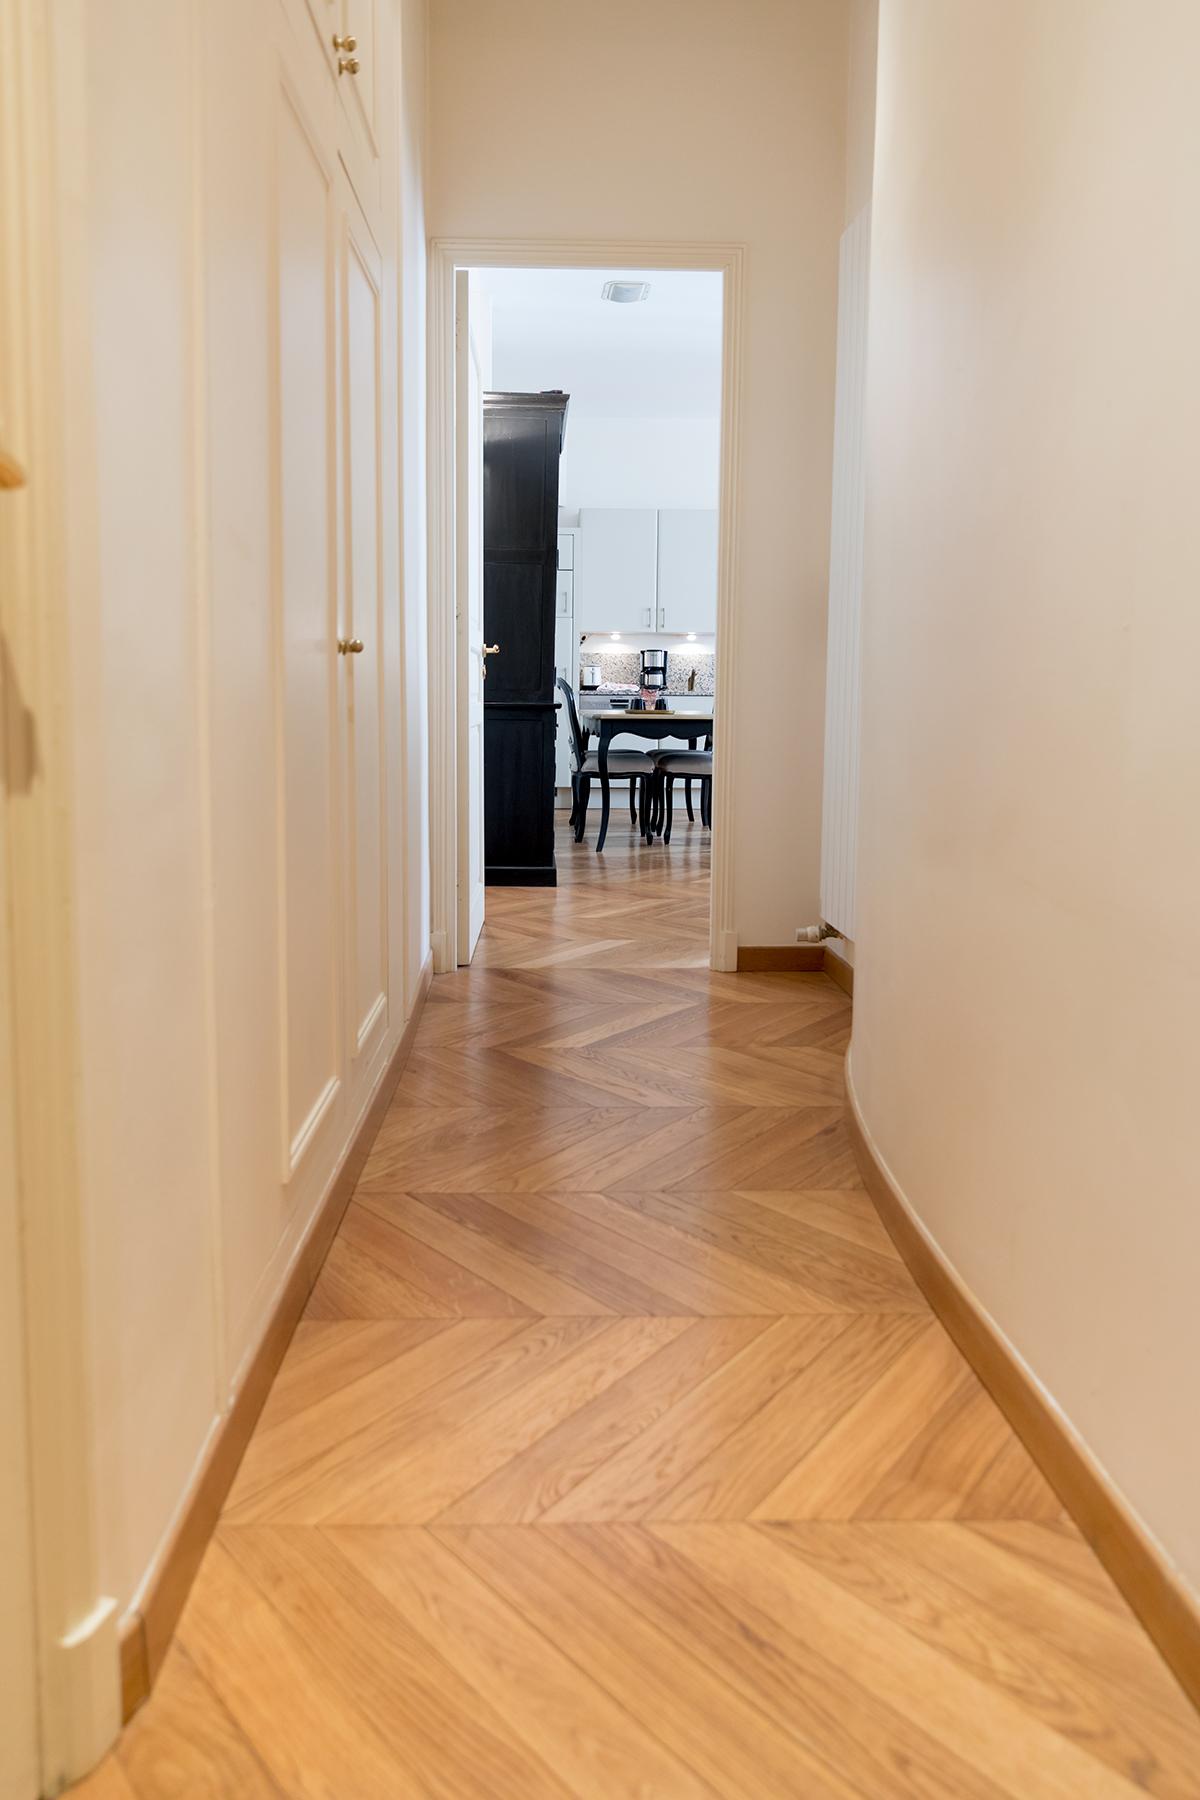 Hallway at Apartment Monceau Chic, 9th Arr, Paris